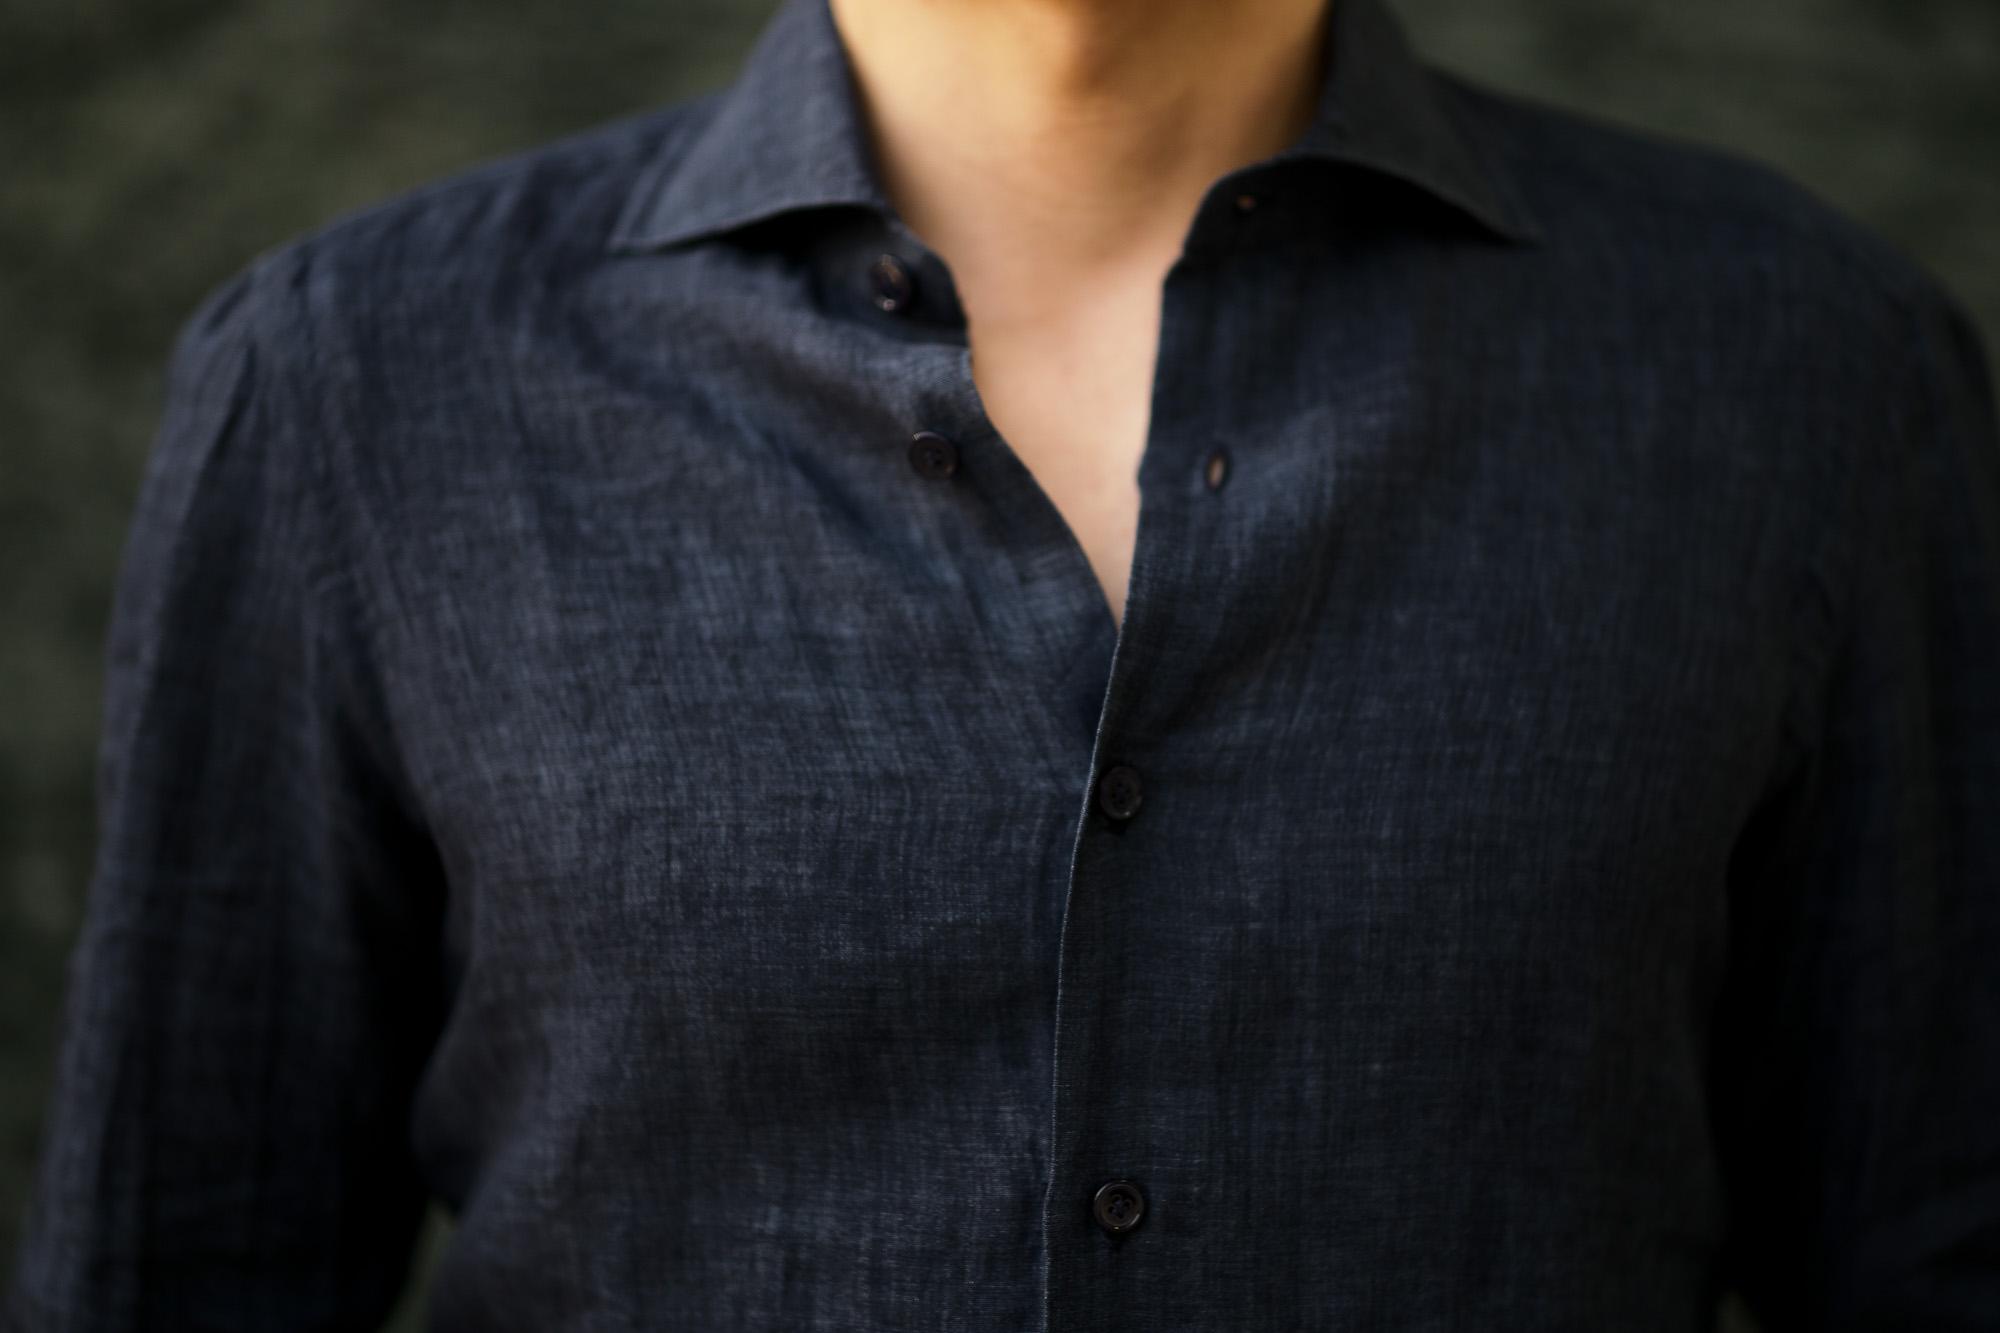 AVINO Laboratorio Napoletano(アヴィーノ・ラボラトリオ・ナポレターノ) Linen Dress Shirts (リネン ドレス シャツ) リネン100% ワイドカラー シャツ NAVY (ネイビー) made in italy (イタリア製) 2020 春夏新作 愛知 名古屋 altoediritto アルトエデリット リネンシャツ